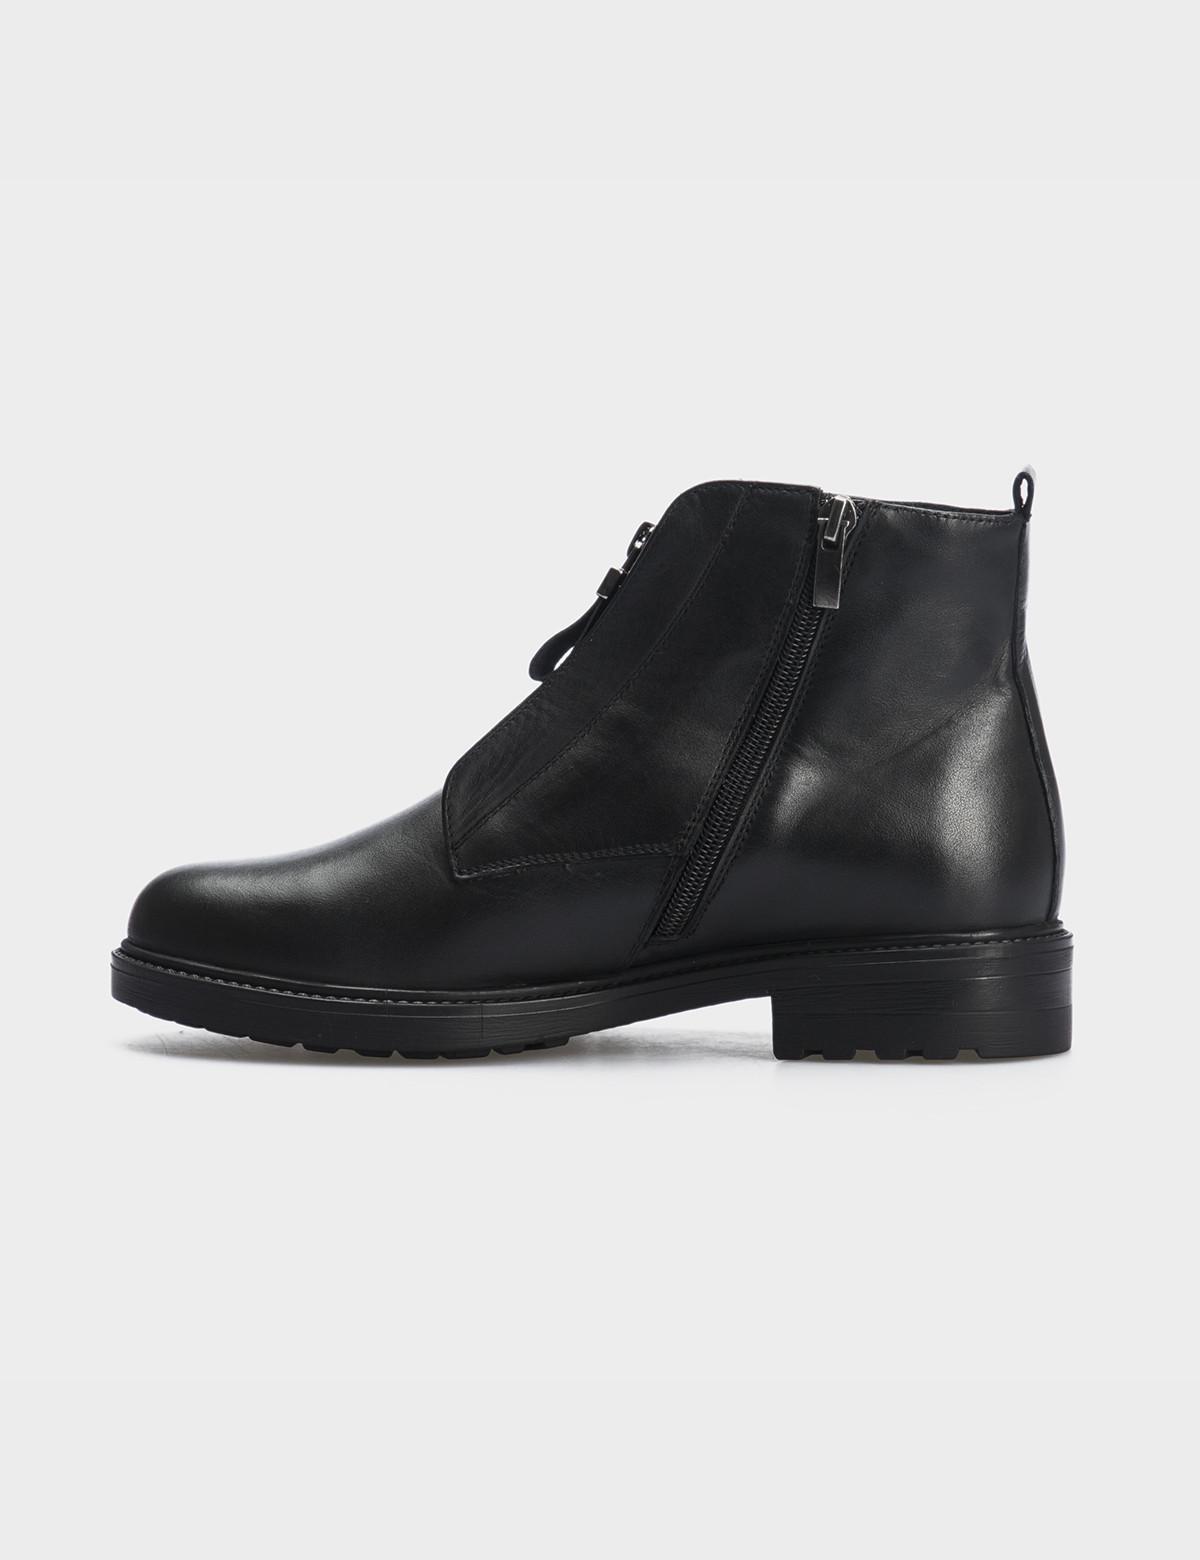 Ботинки черные натуральная кожа. Байка2